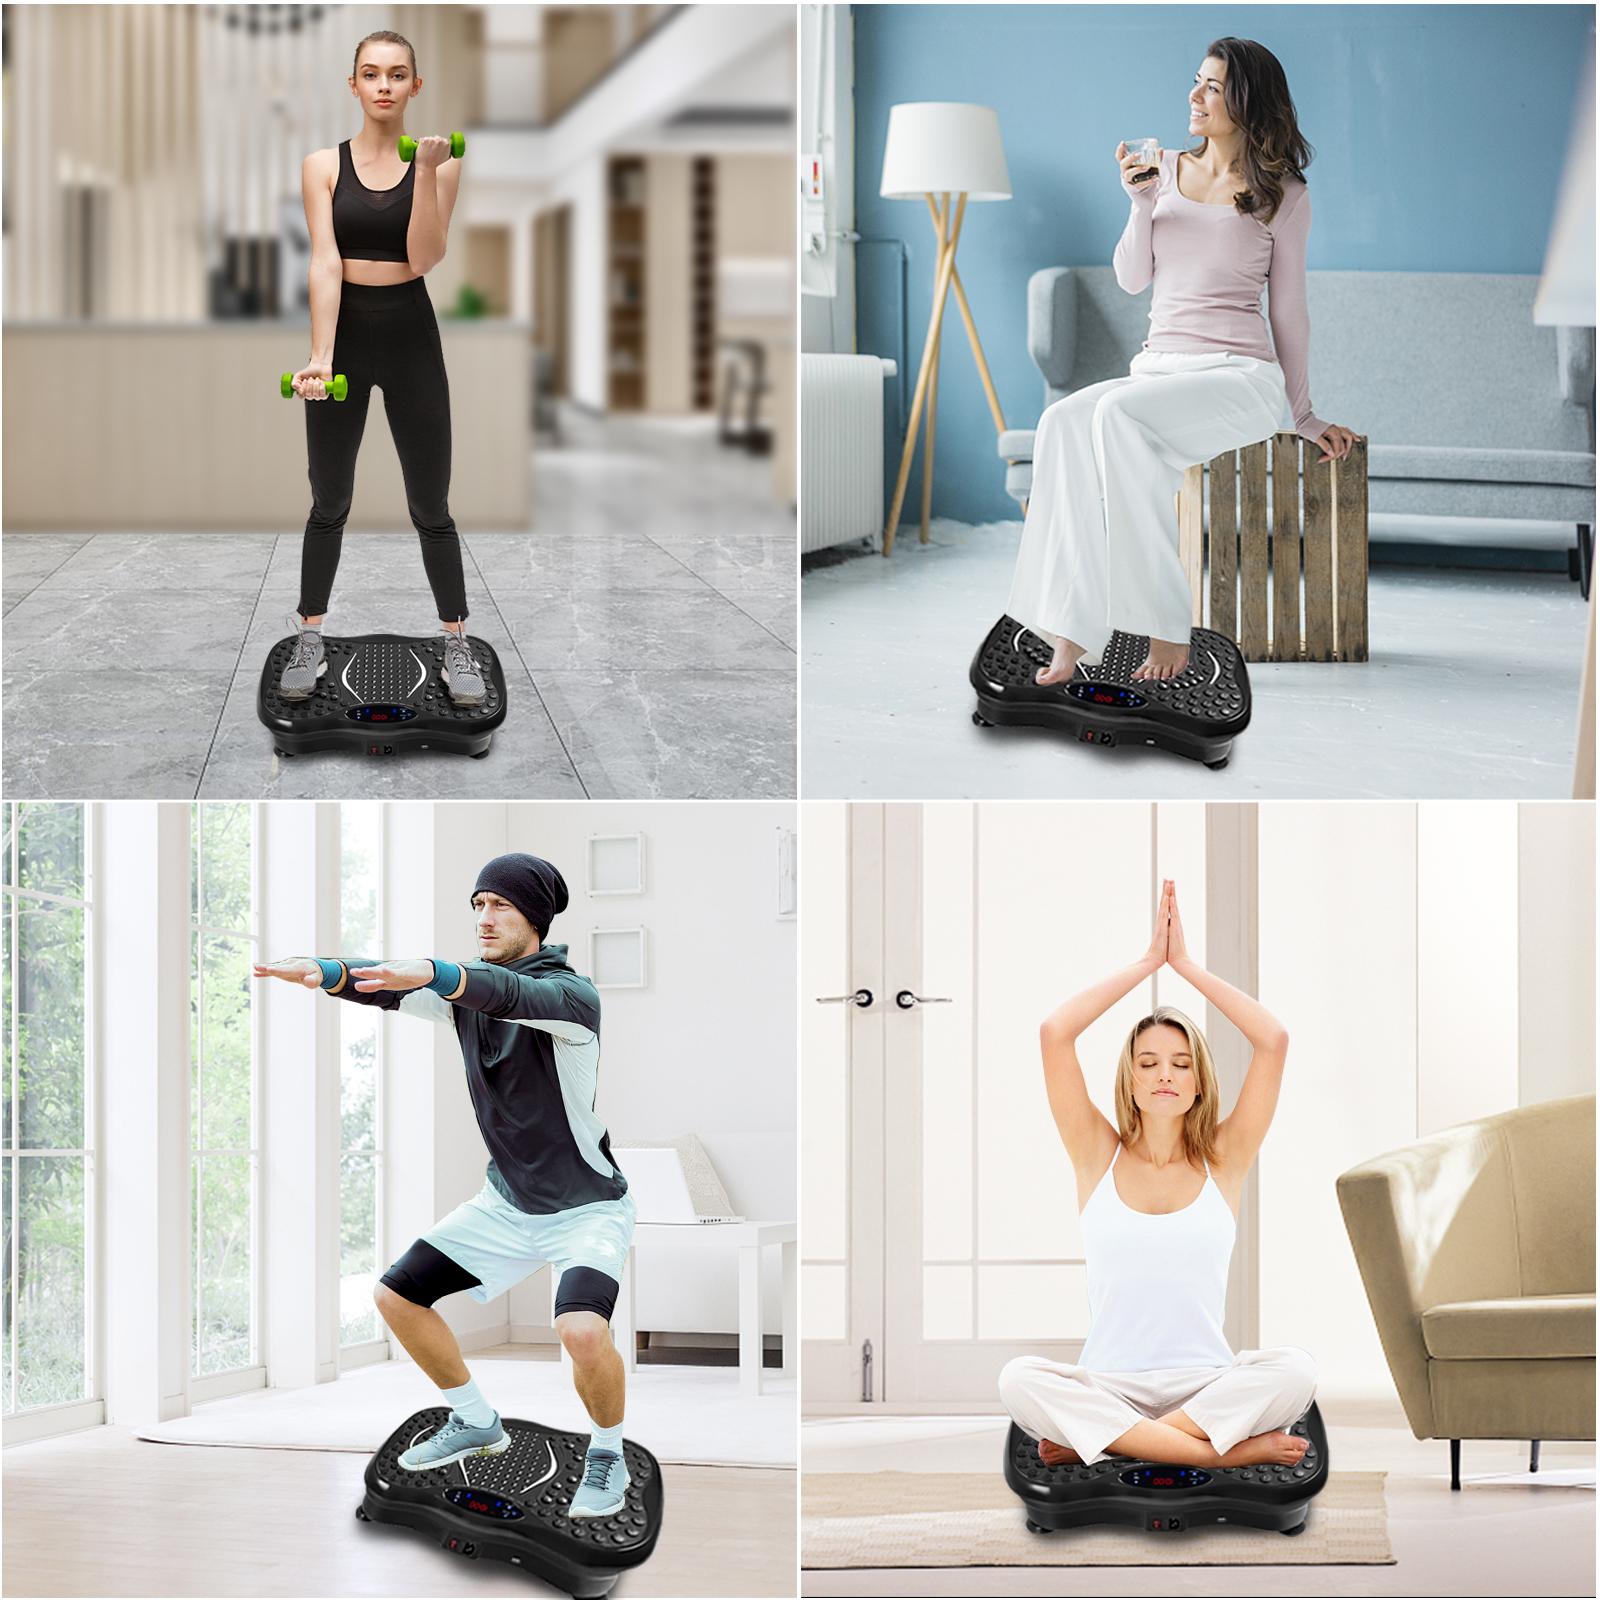 Vibration Platform Whole Body Massager Machine Exercise